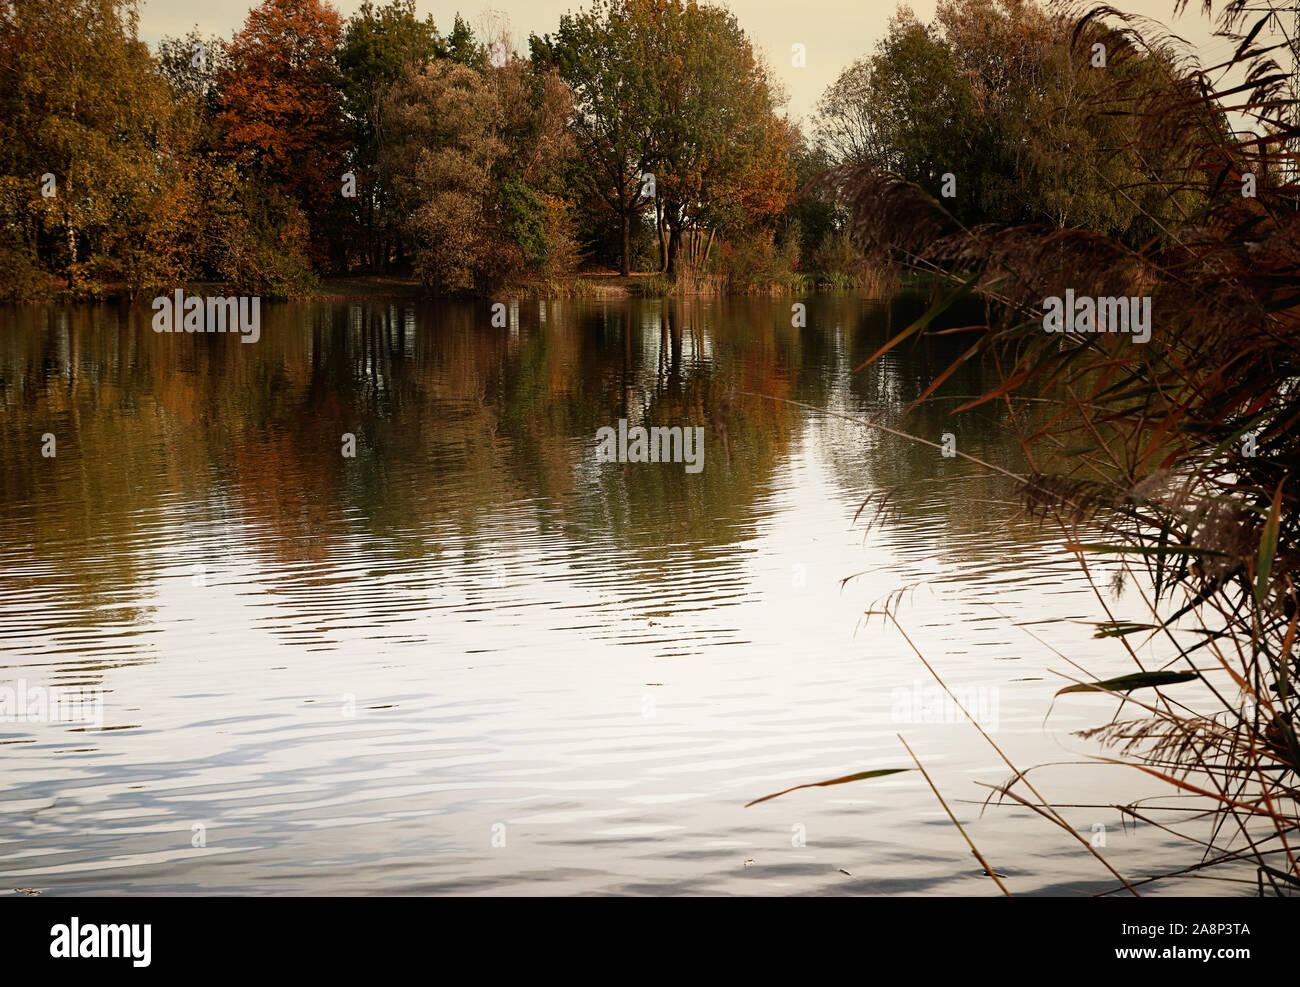 Badeweiher petit lac près de Finsing, Haute-bavière en automne, calme et idyllique Banque D'Images